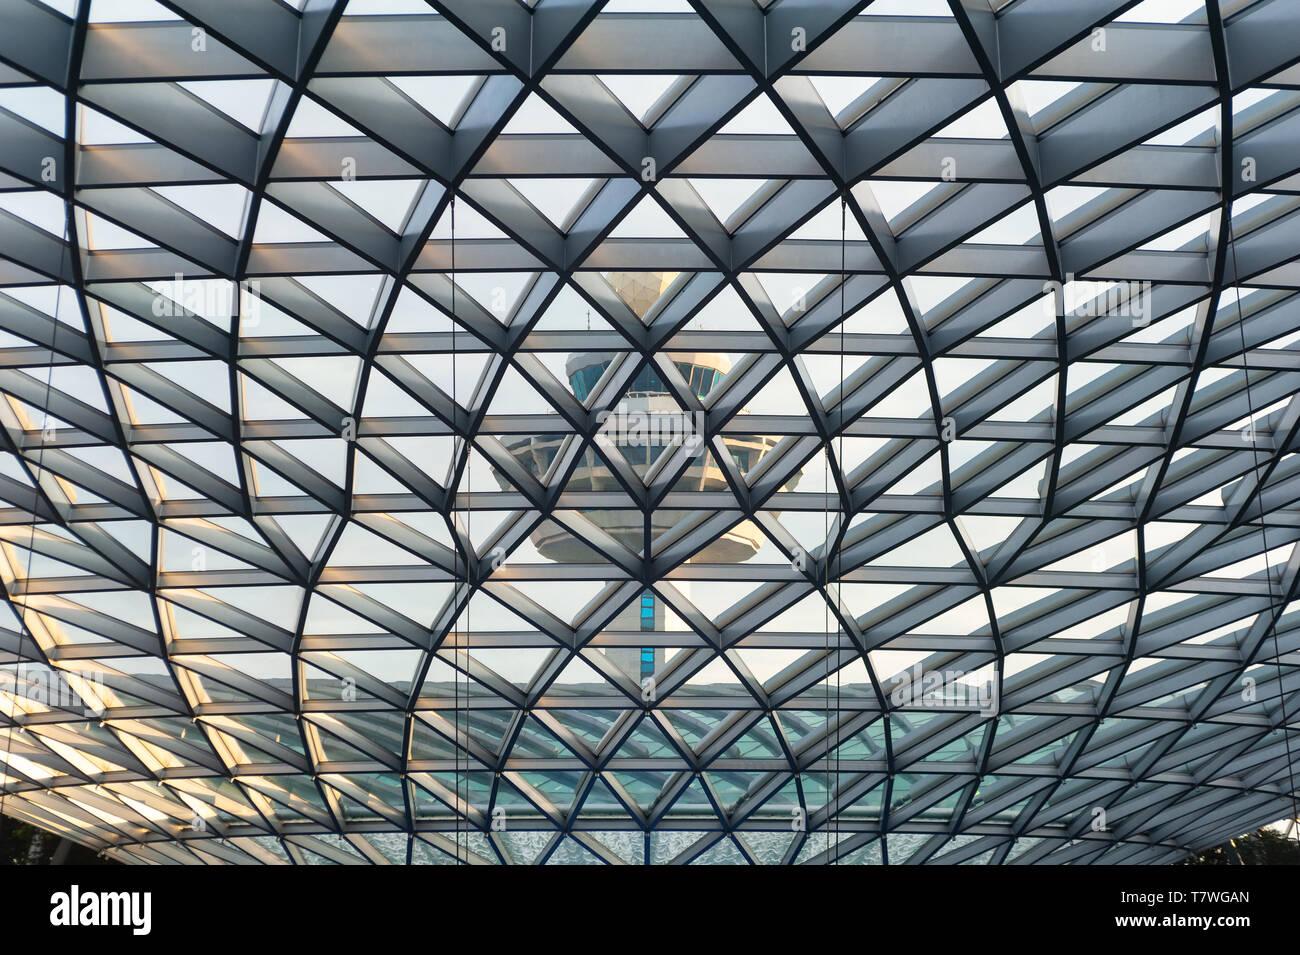 28.04.2019, Singapur, República de Singapur, Asia - Vista de la Torre de Control del Aeropuerto de Changi desde el interior de la nueva joya de terminal. Foto de stock